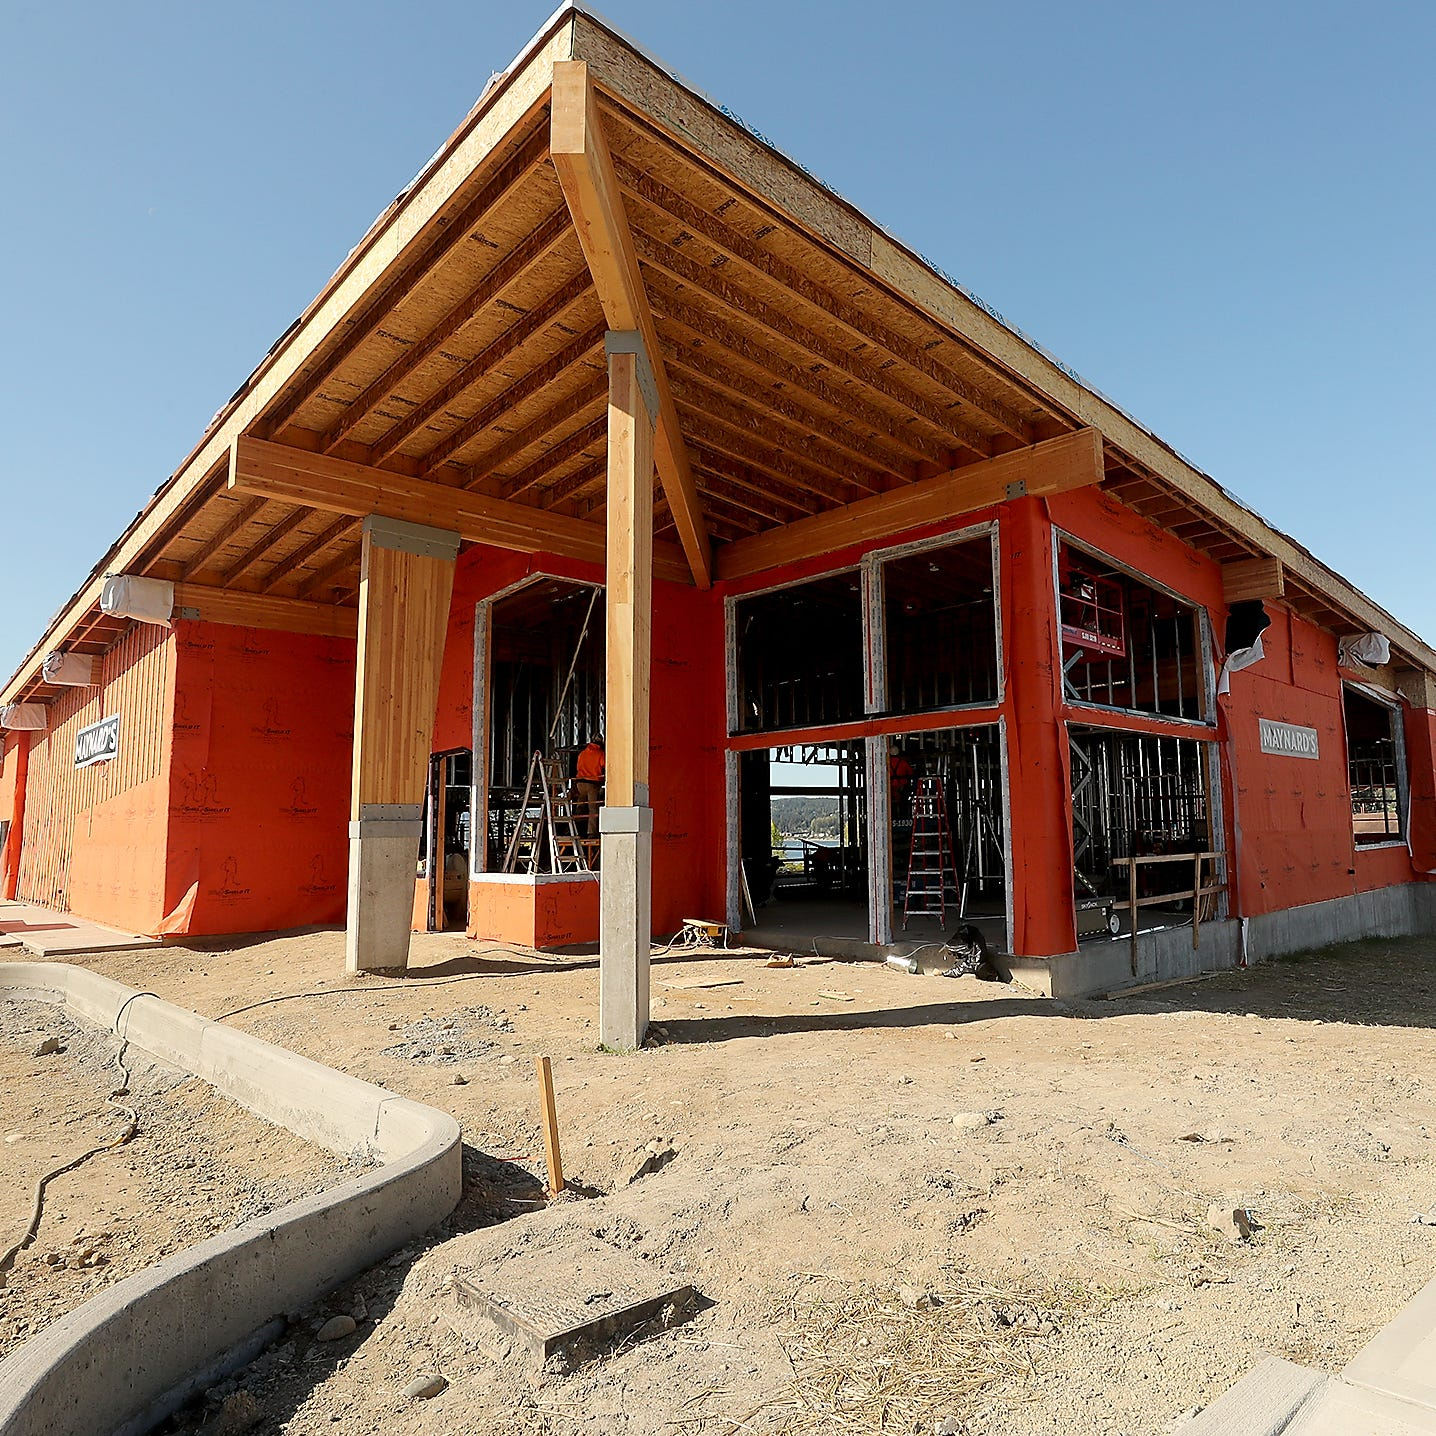 Maynard's will bring restaurant, market to Silverdale's Bucklin Hill Road